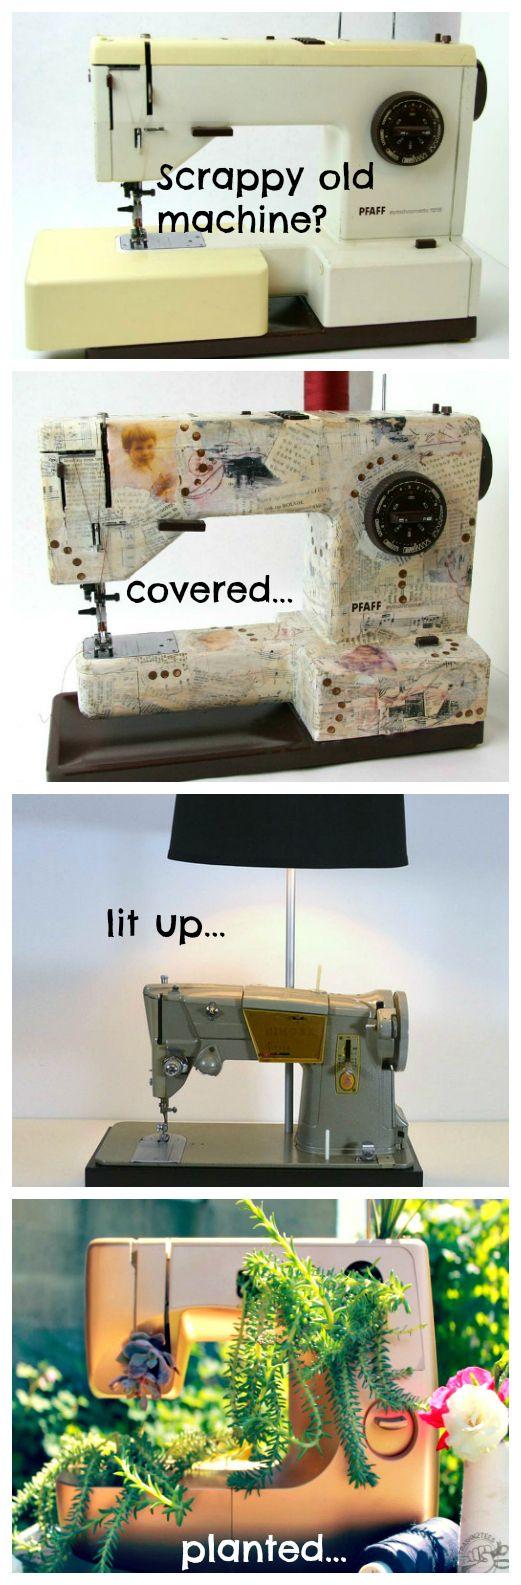 Die 50+ besten Bilder zu Sewing machines von farbenmix auf Pinterest ...